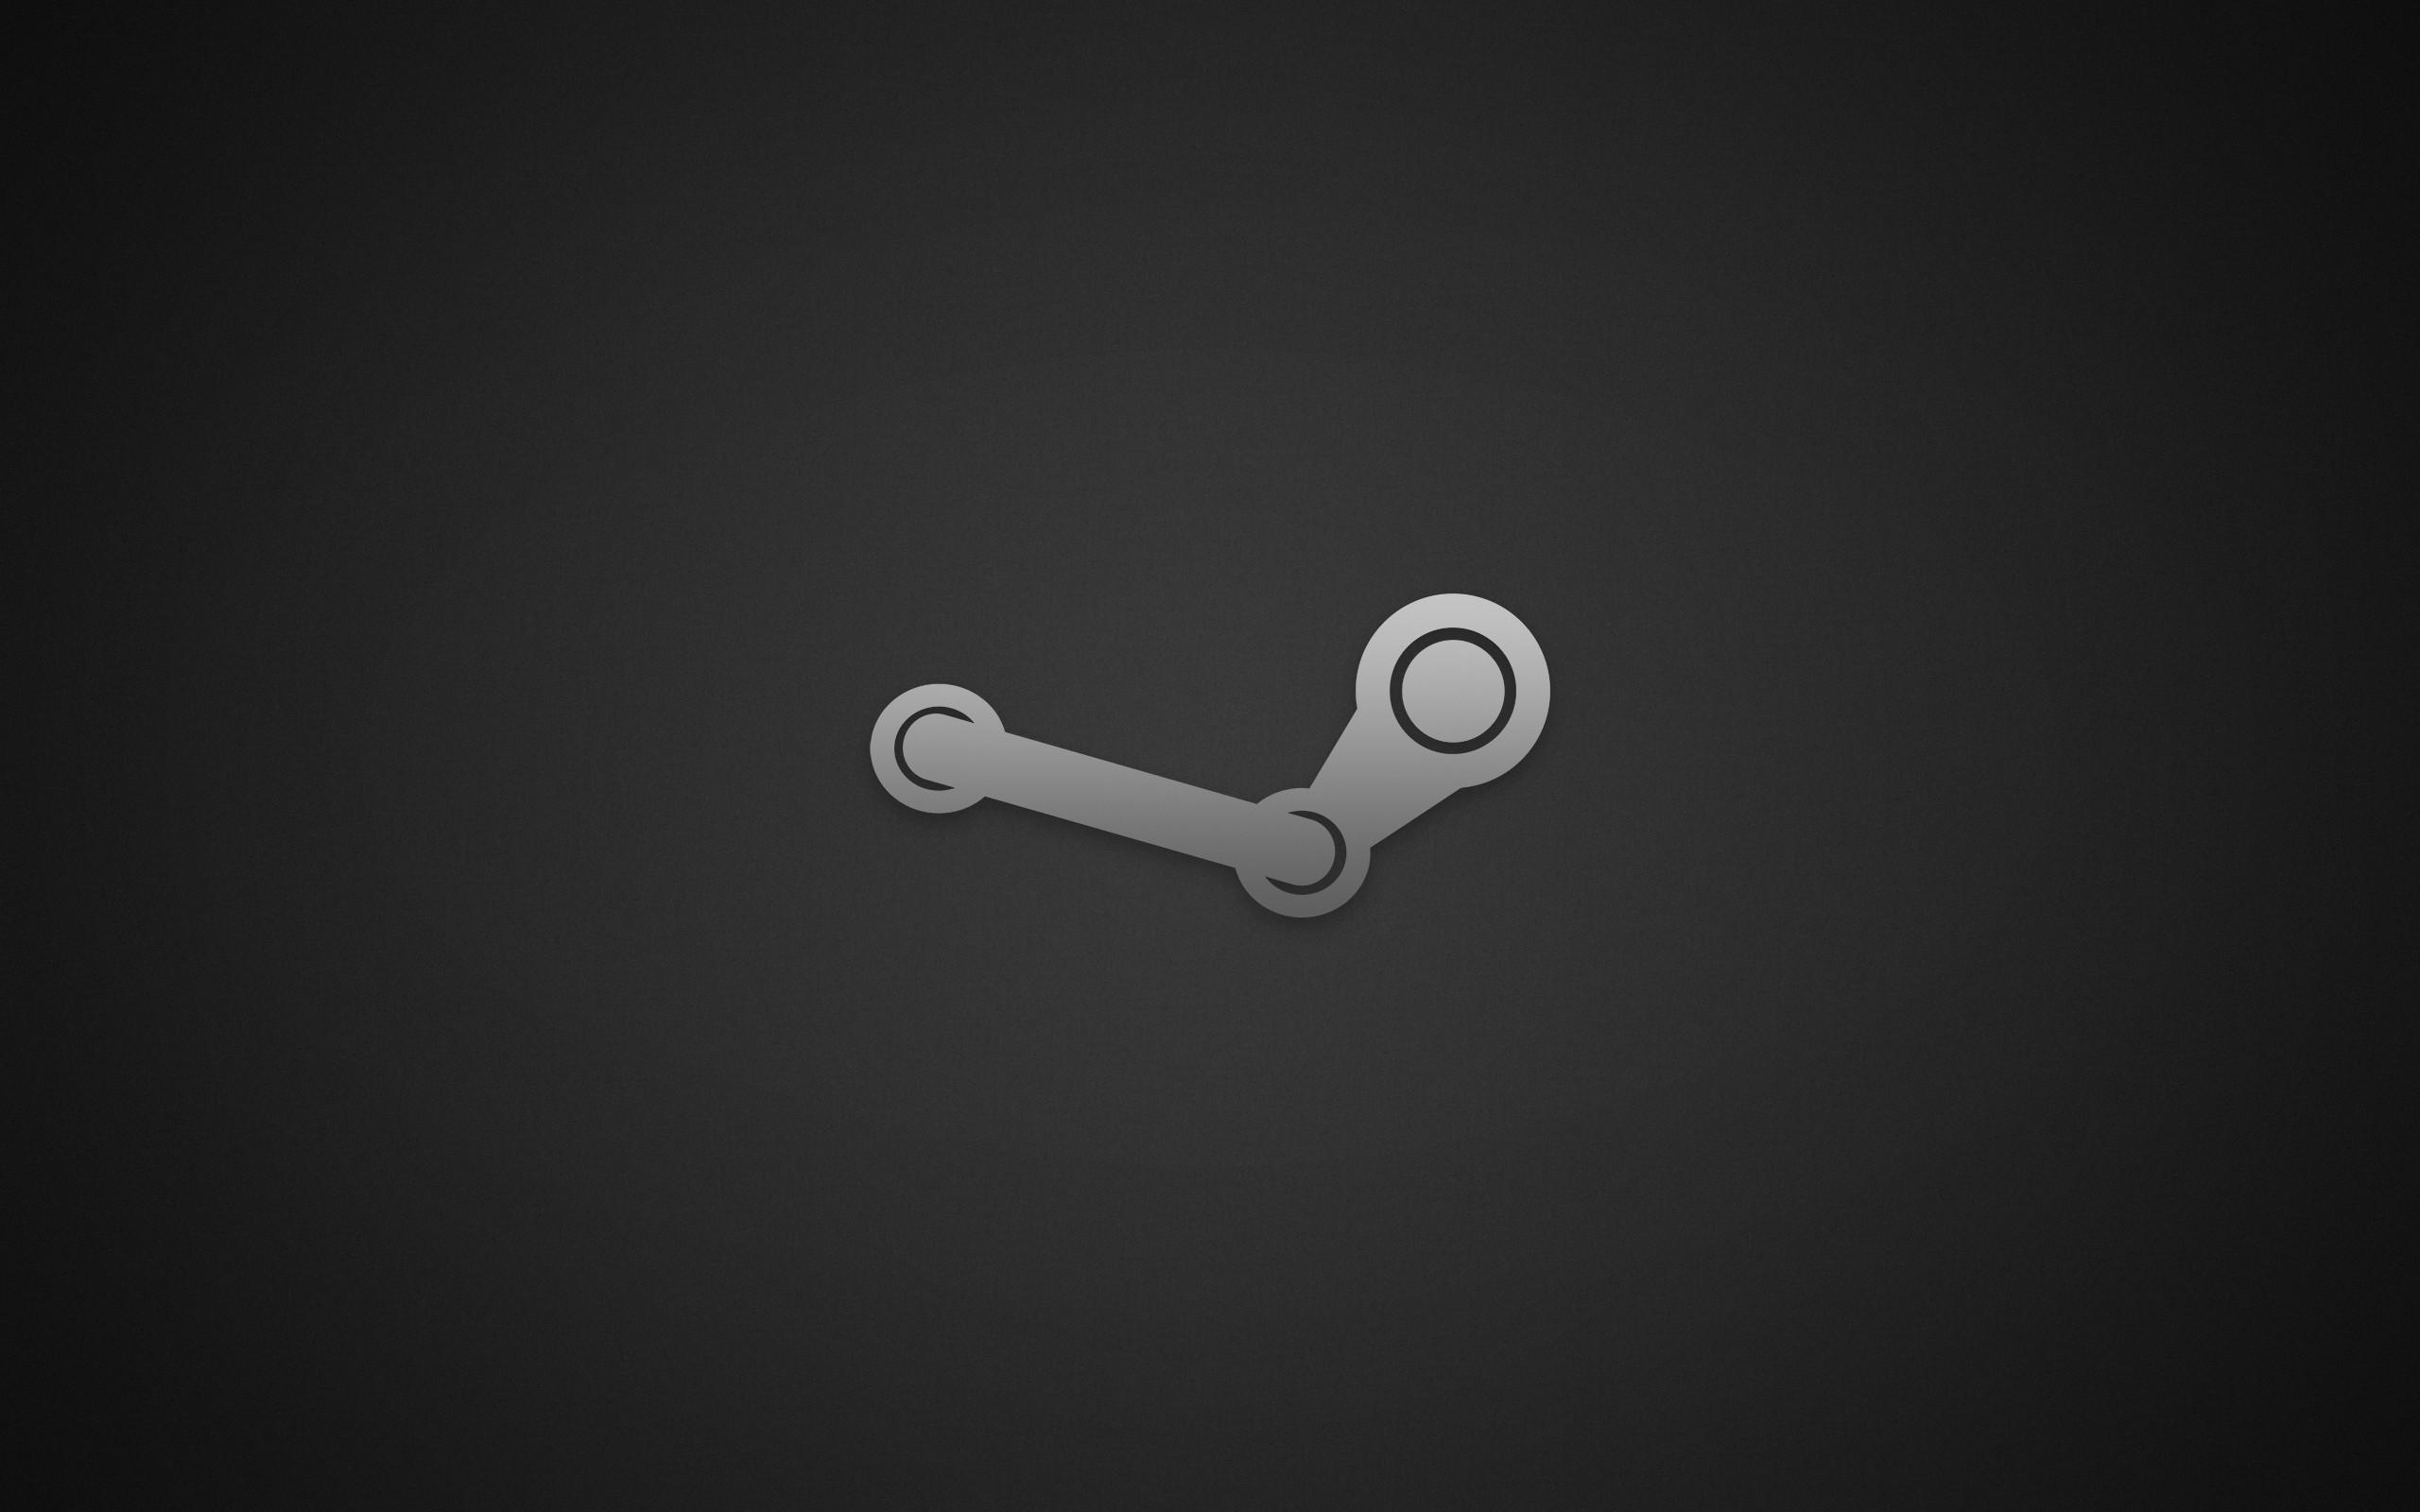 Sfondi Logo Maestro Race Pc Software Steam Mano Numero Sfondo